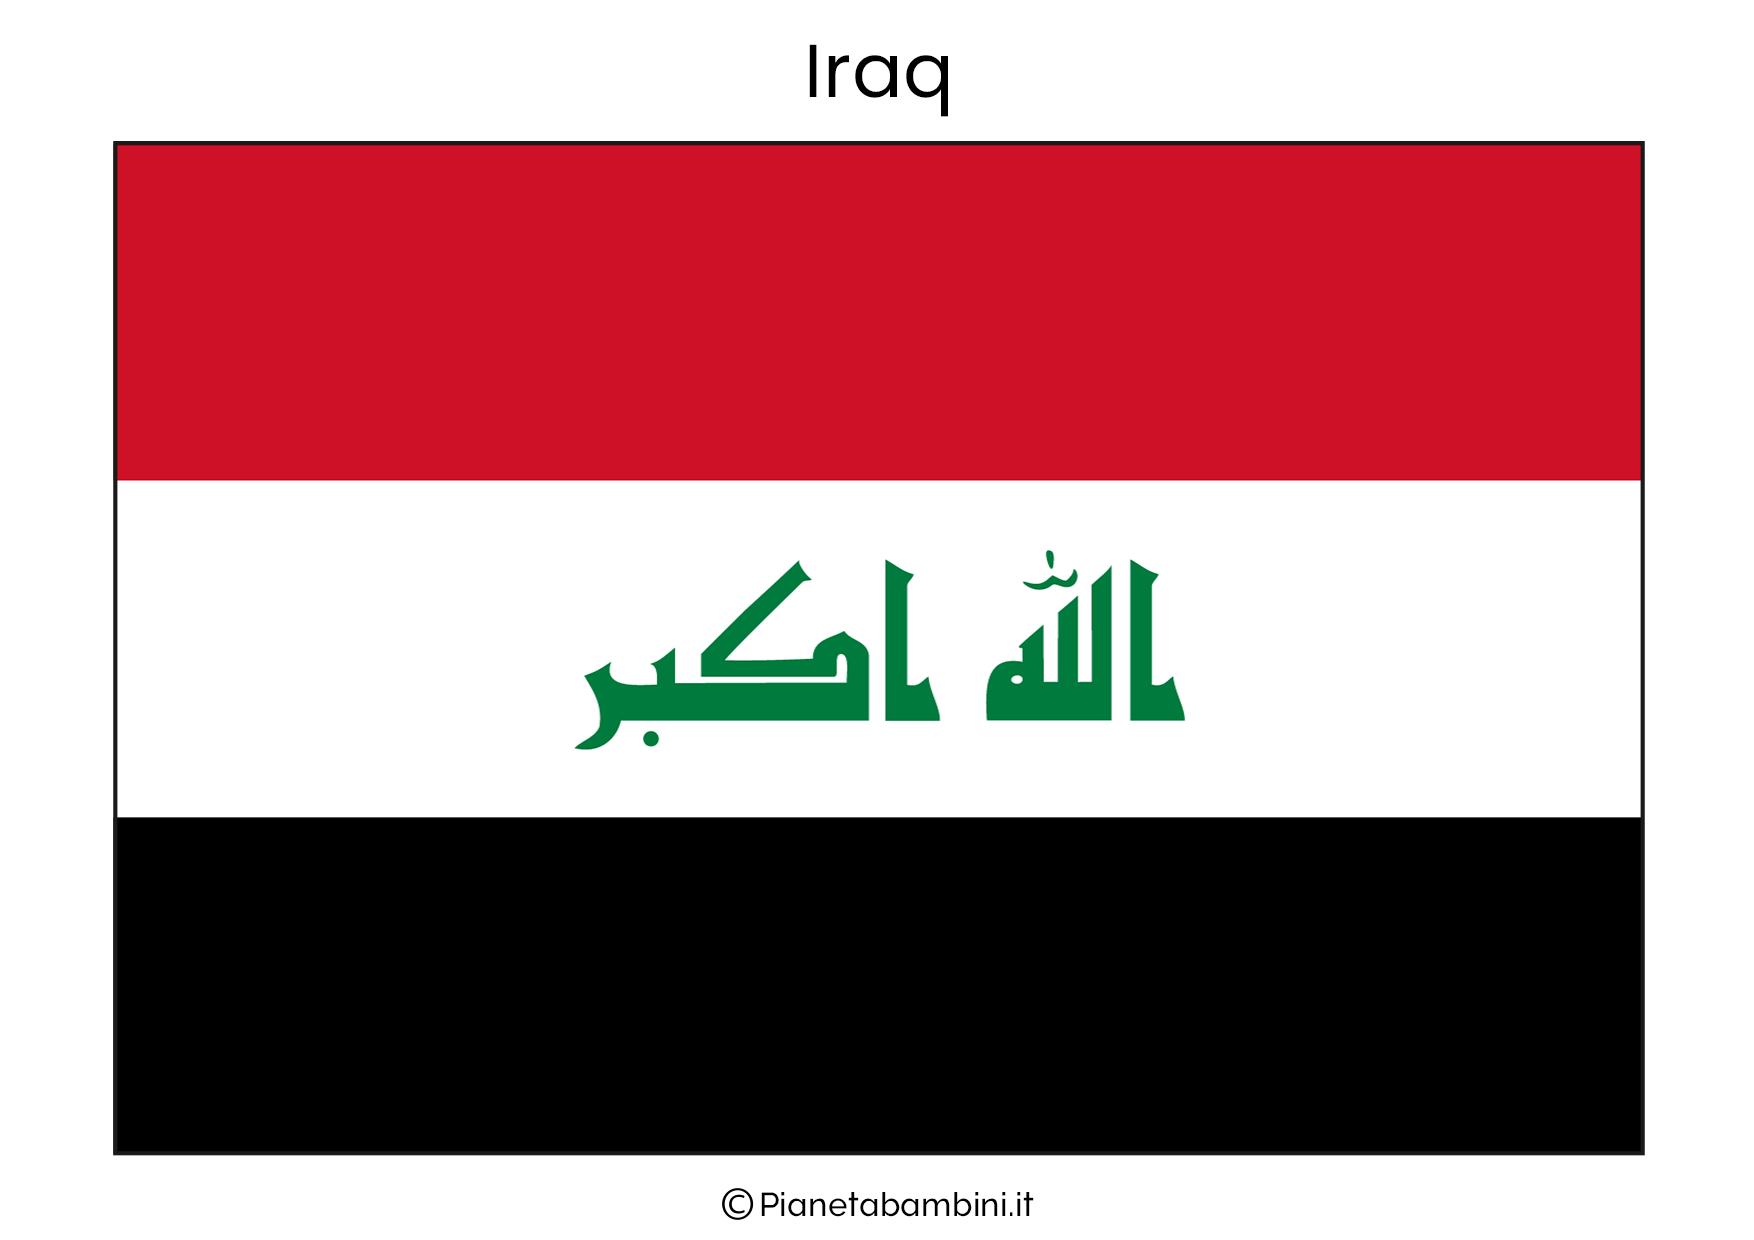 Bandiera dell'Iraq da stampare